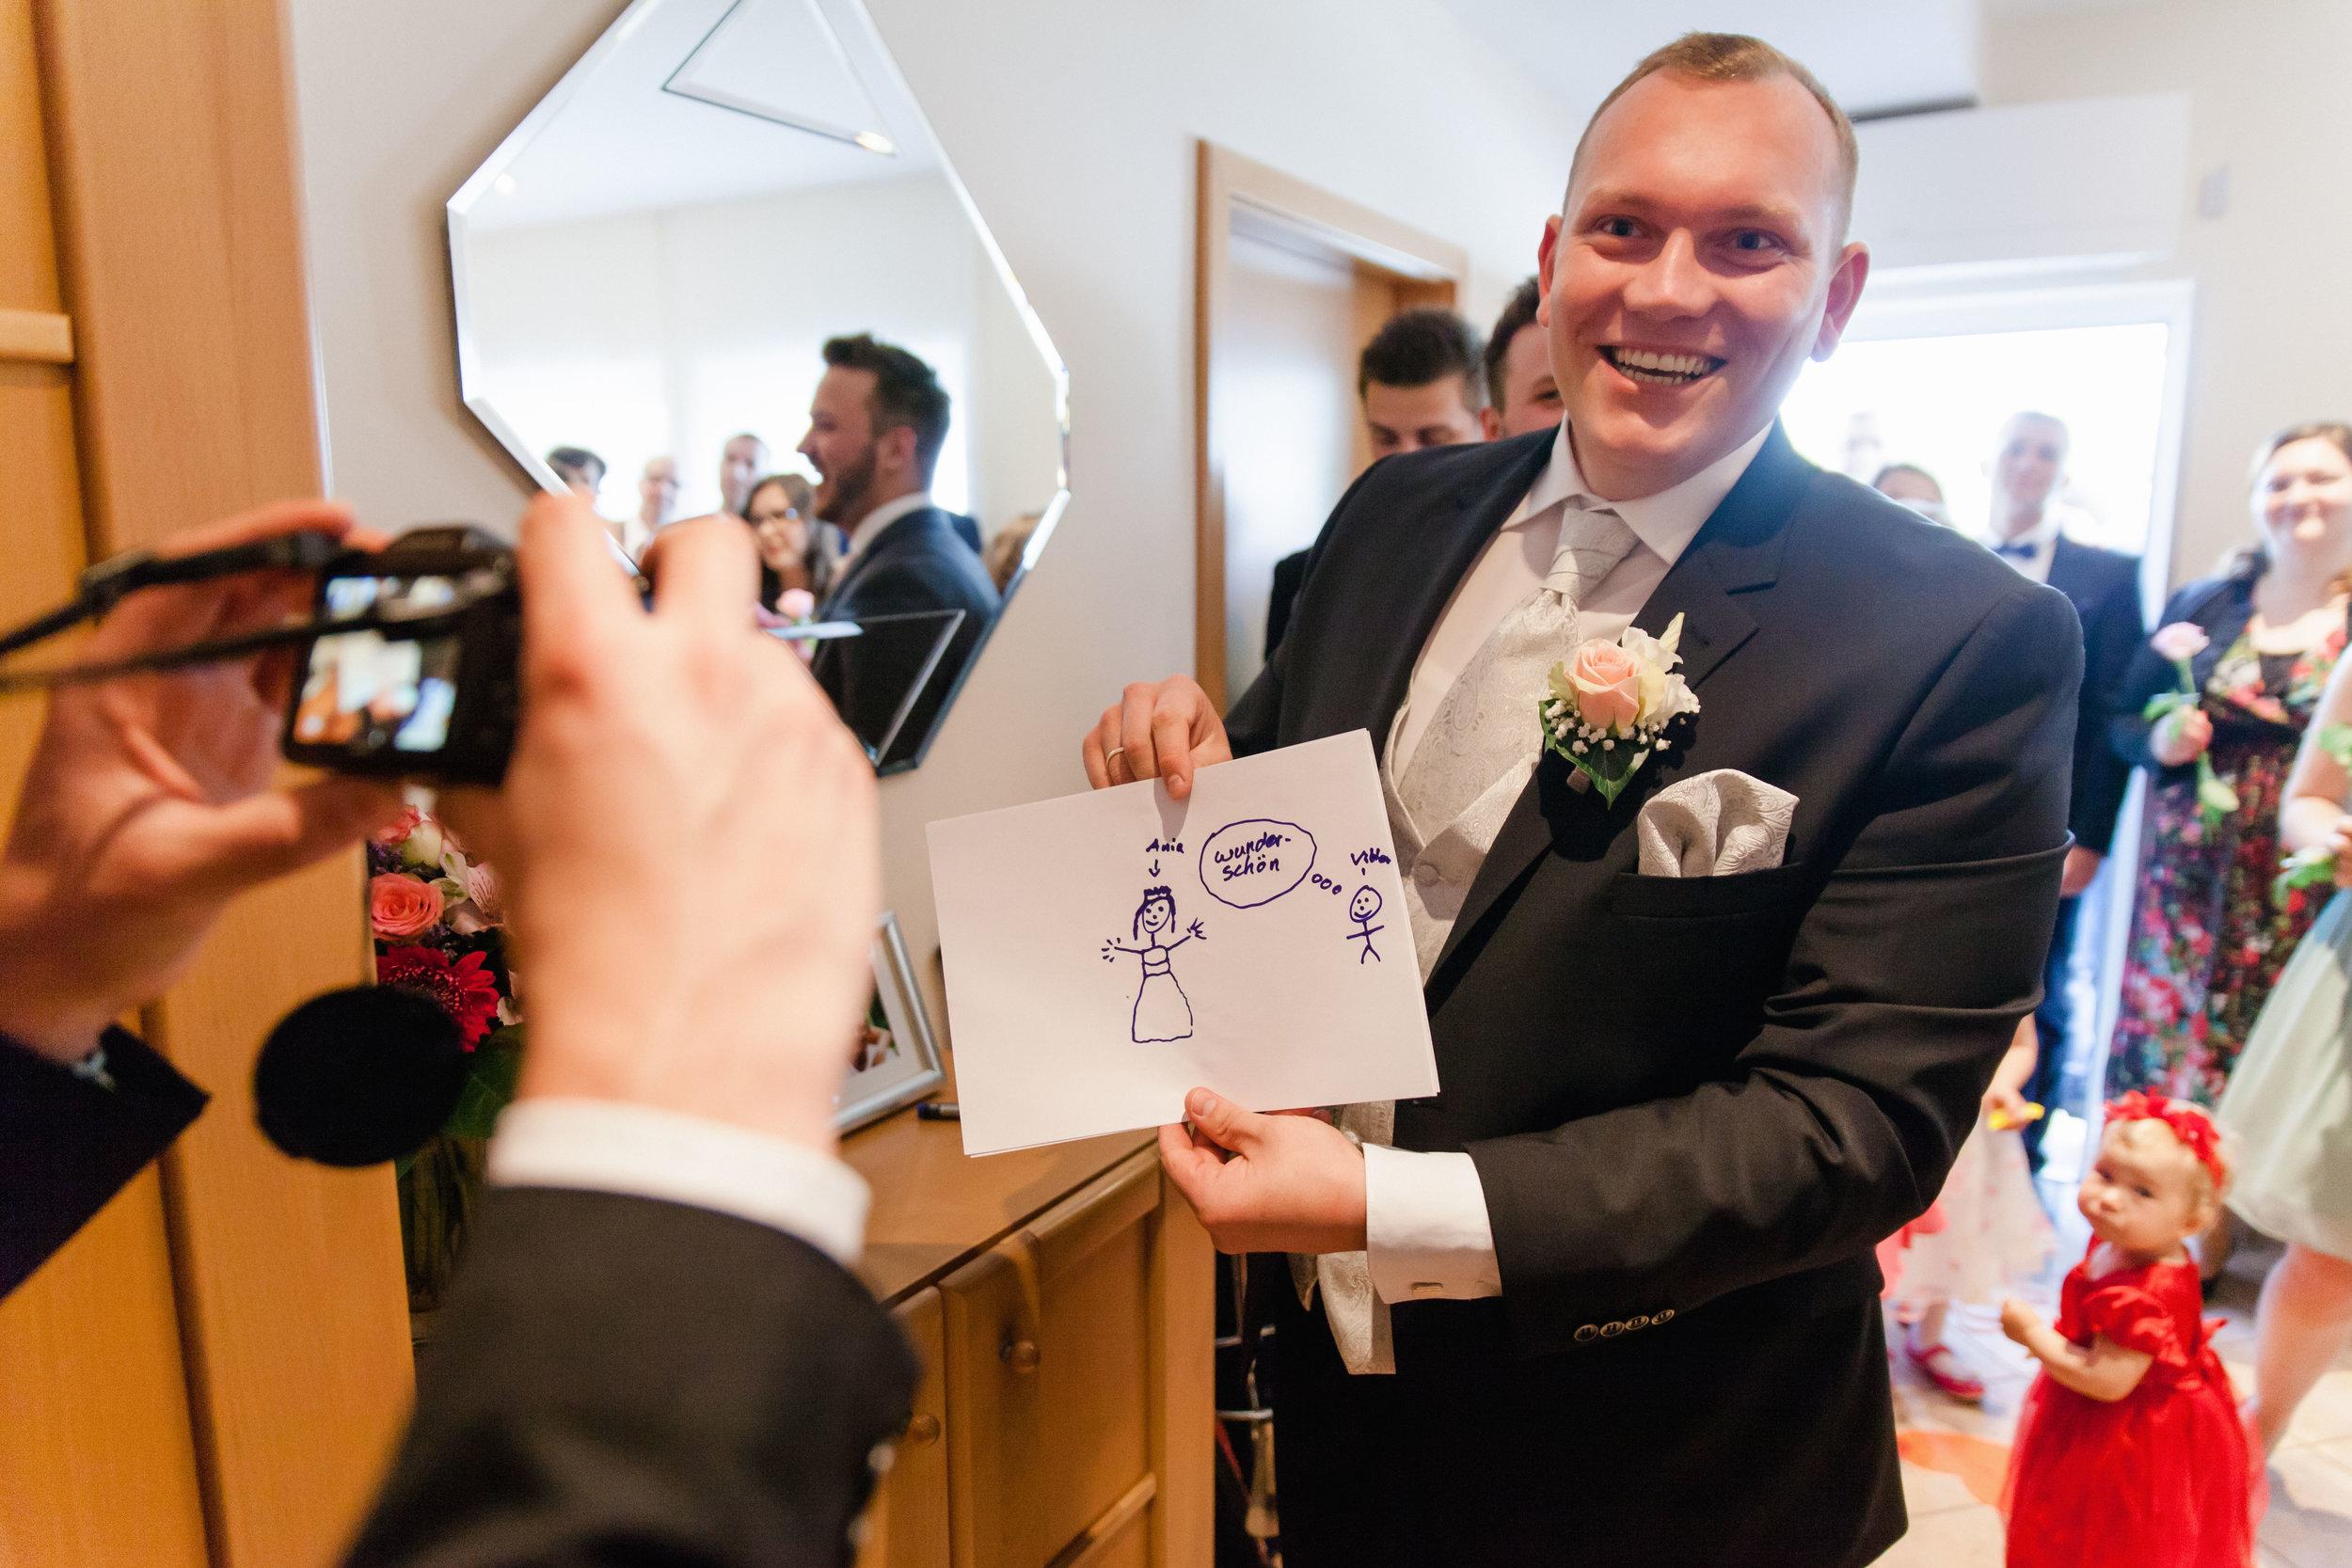 Hochzeit_163.jpg